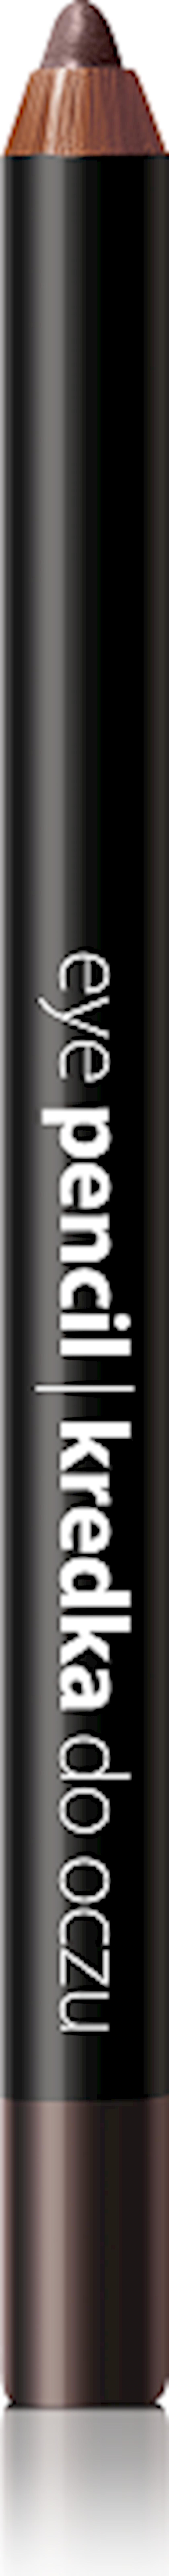 Göz qələmi Paese Eye Pencil 3 Dark Chokolade